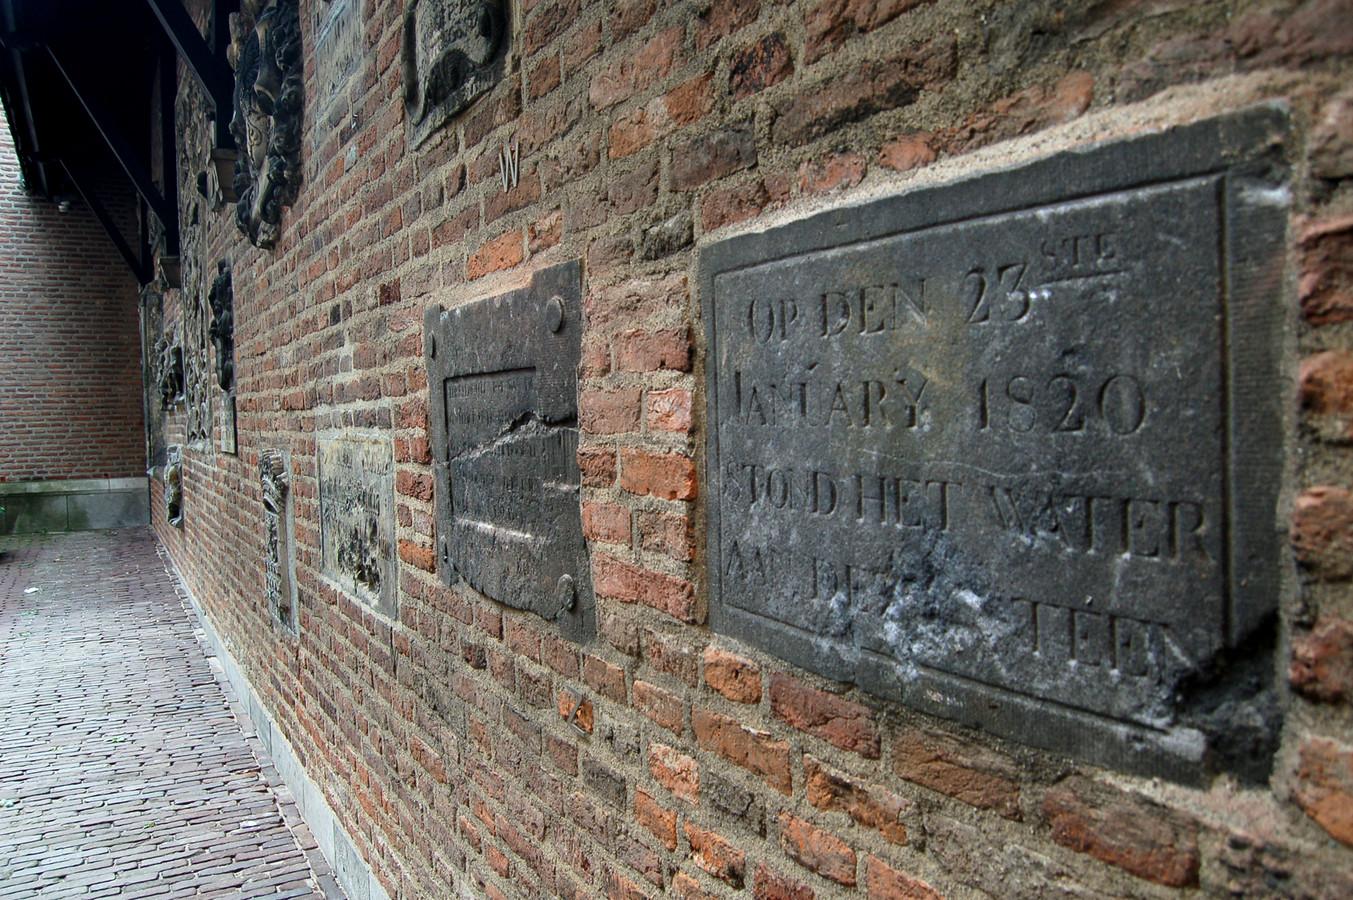 De Gedeputeerdenplaats in Nijmegen